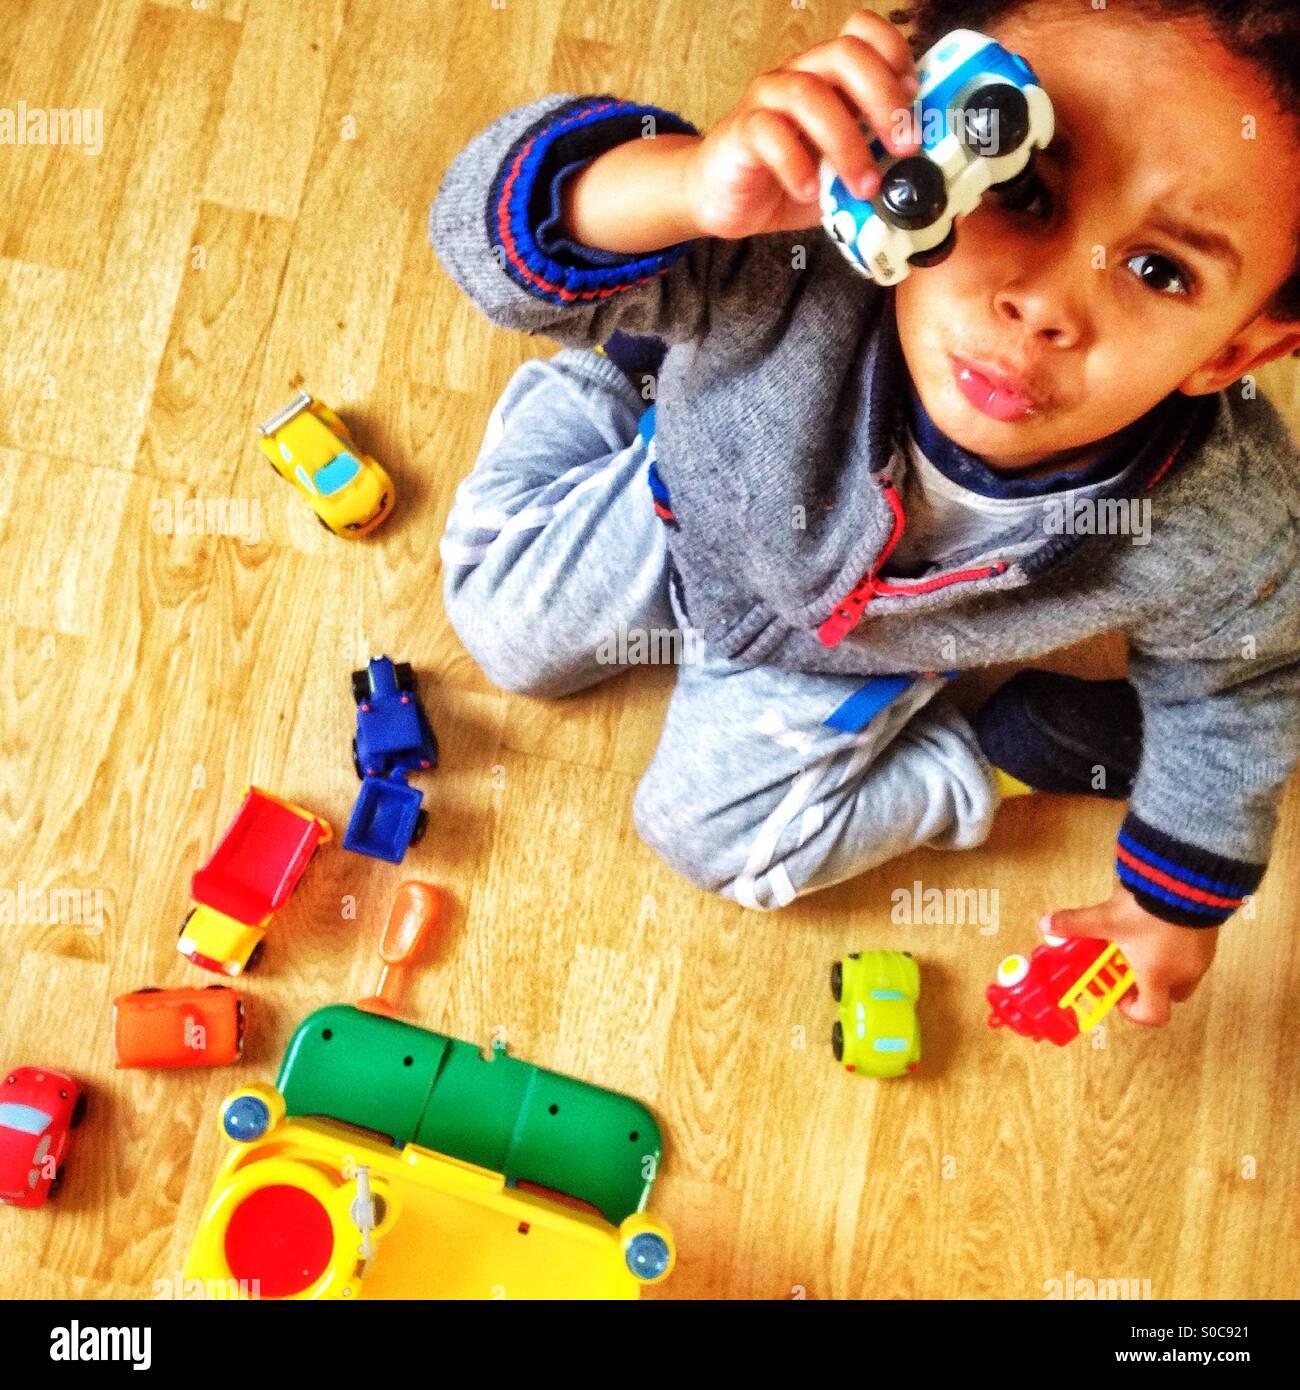 Niño jugando con sus juguetes. Imagen De Stock